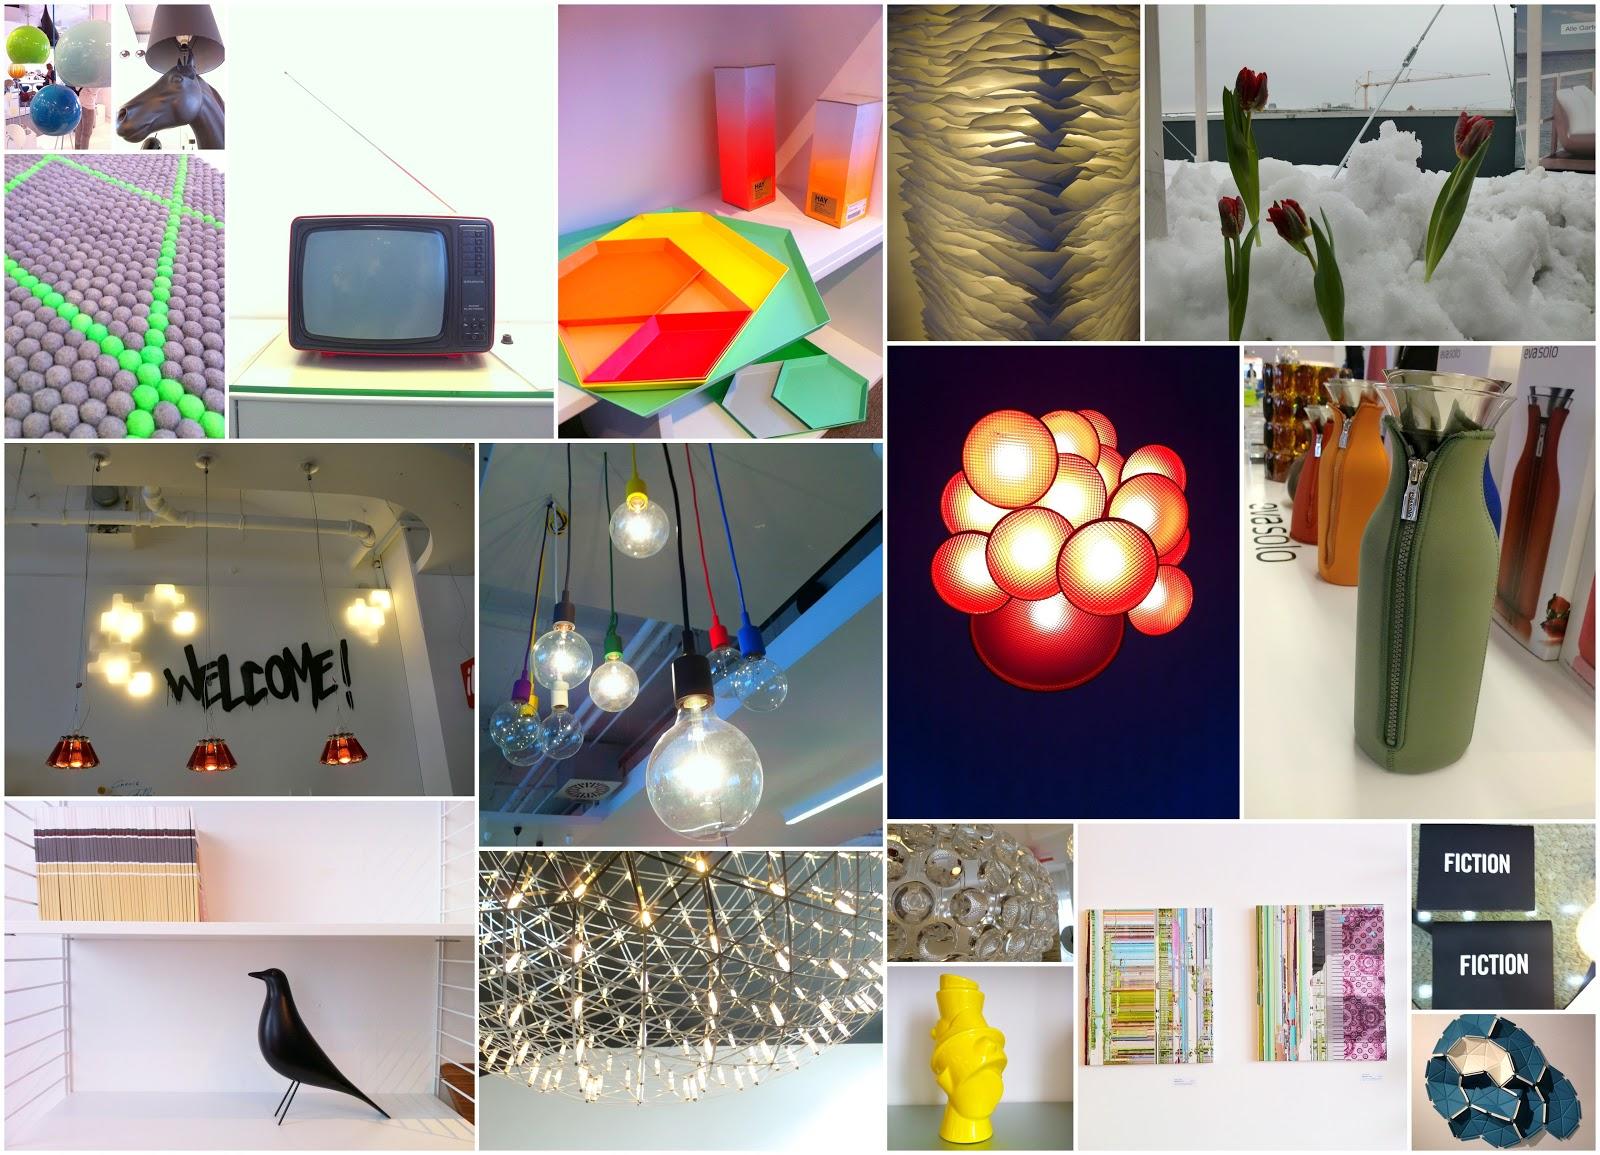 kleines freudenhaus wochenend r ckblick blogs coffee bloggertreff in m nchen 2013 oder. Black Bedroom Furniture Sets. Home Design Ideas